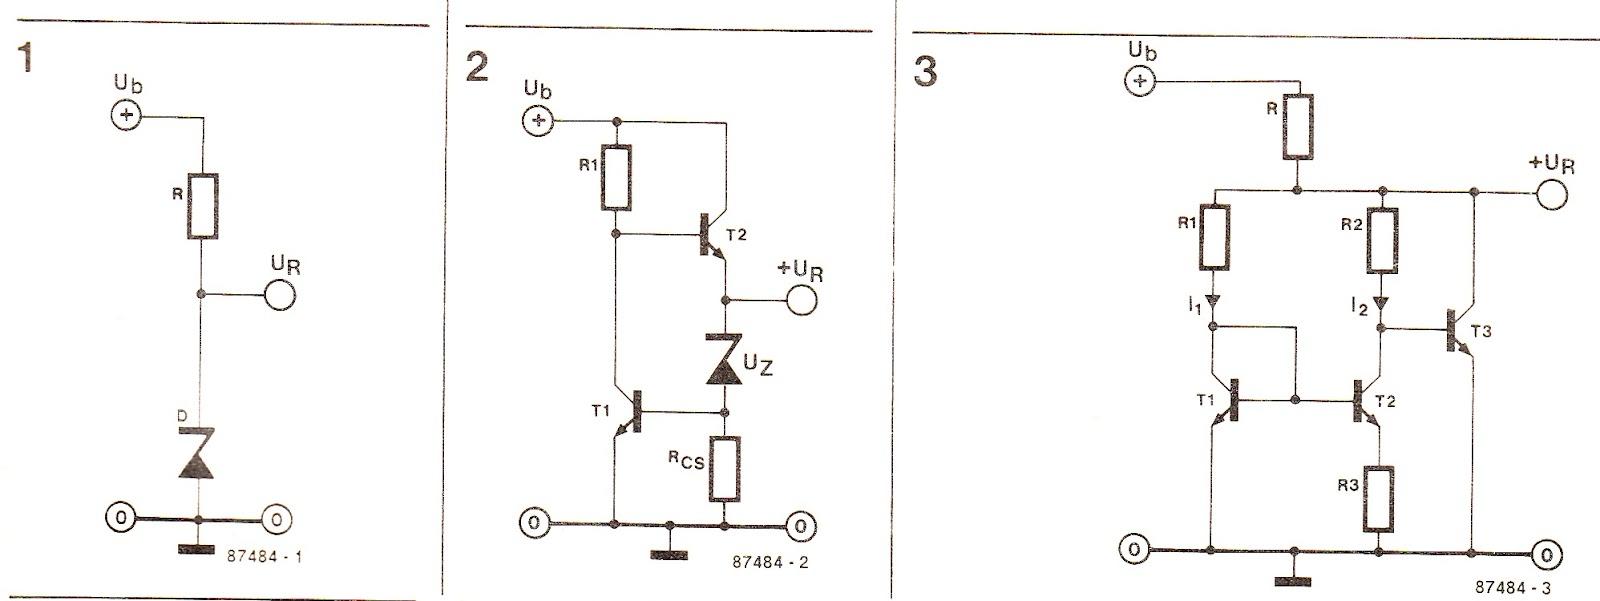 medium resolution of zener diode circuit zener diode voltage regulator circuit zener diode diagram zener regulator circuit diode in